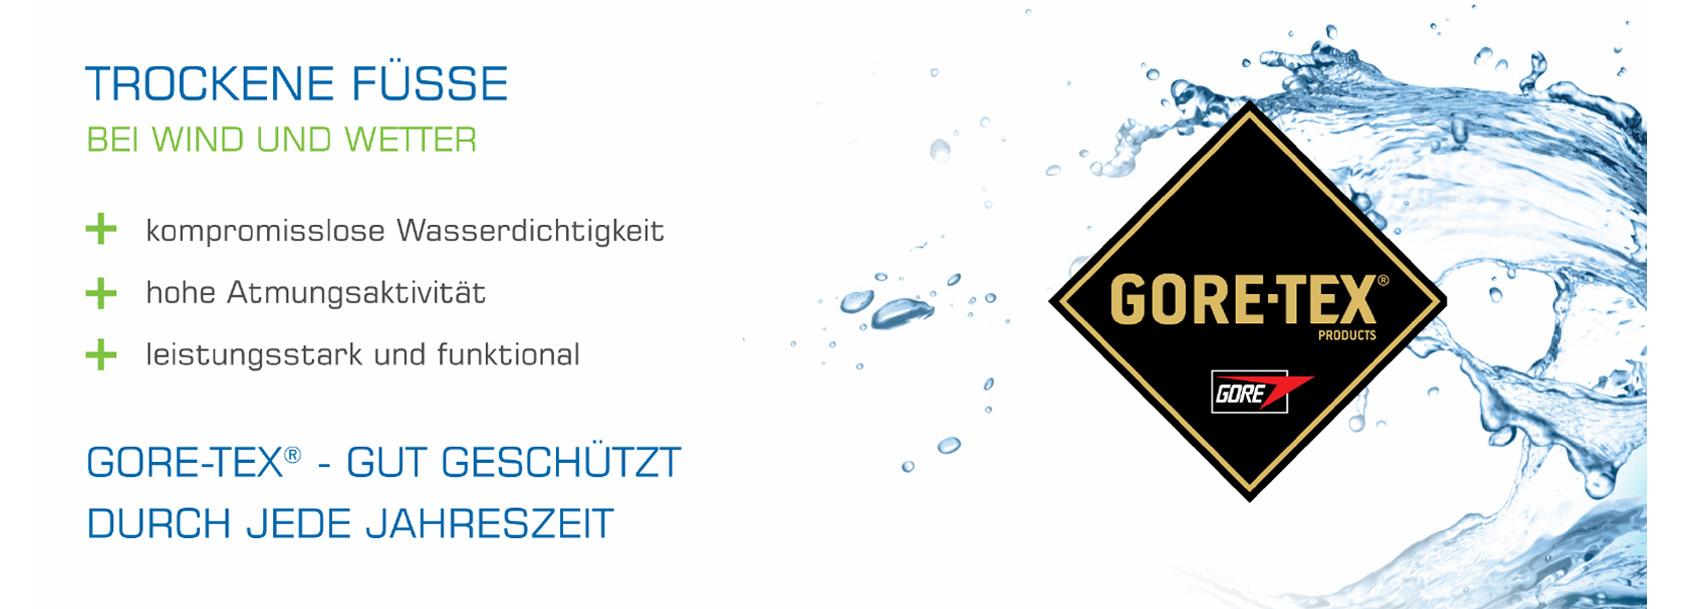 Gore-Tex® - Gut geschützt durch jede Jahreszeit: Trockene Füsse - Bei Wind und Wetter. Kompromisslose Wasserdichtigkeit, Hohe Atmungsaktivität, Leistungsstark und funktional.